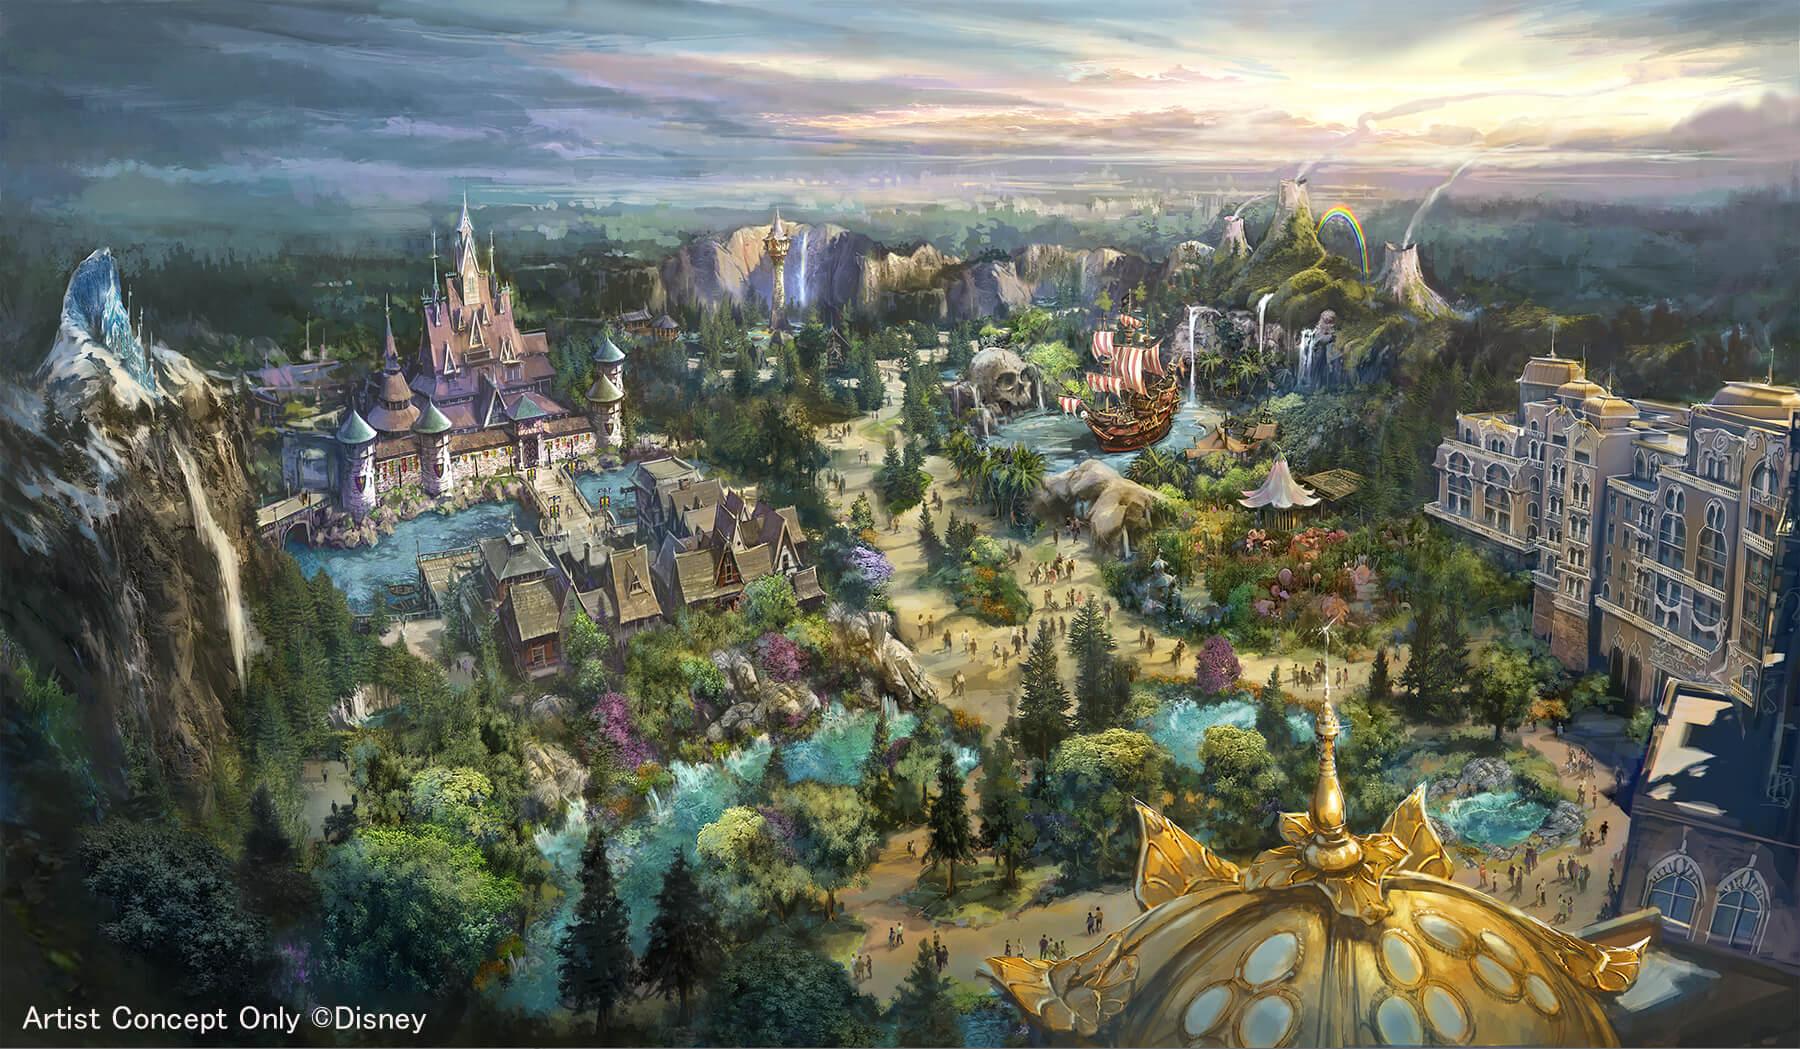 重現出「冰雪奇緣」、「彼得潘」的世界!東京迪士尼海洋®全新主題區域登場 東京迪士尼樂園、東京迪士尼海洋、